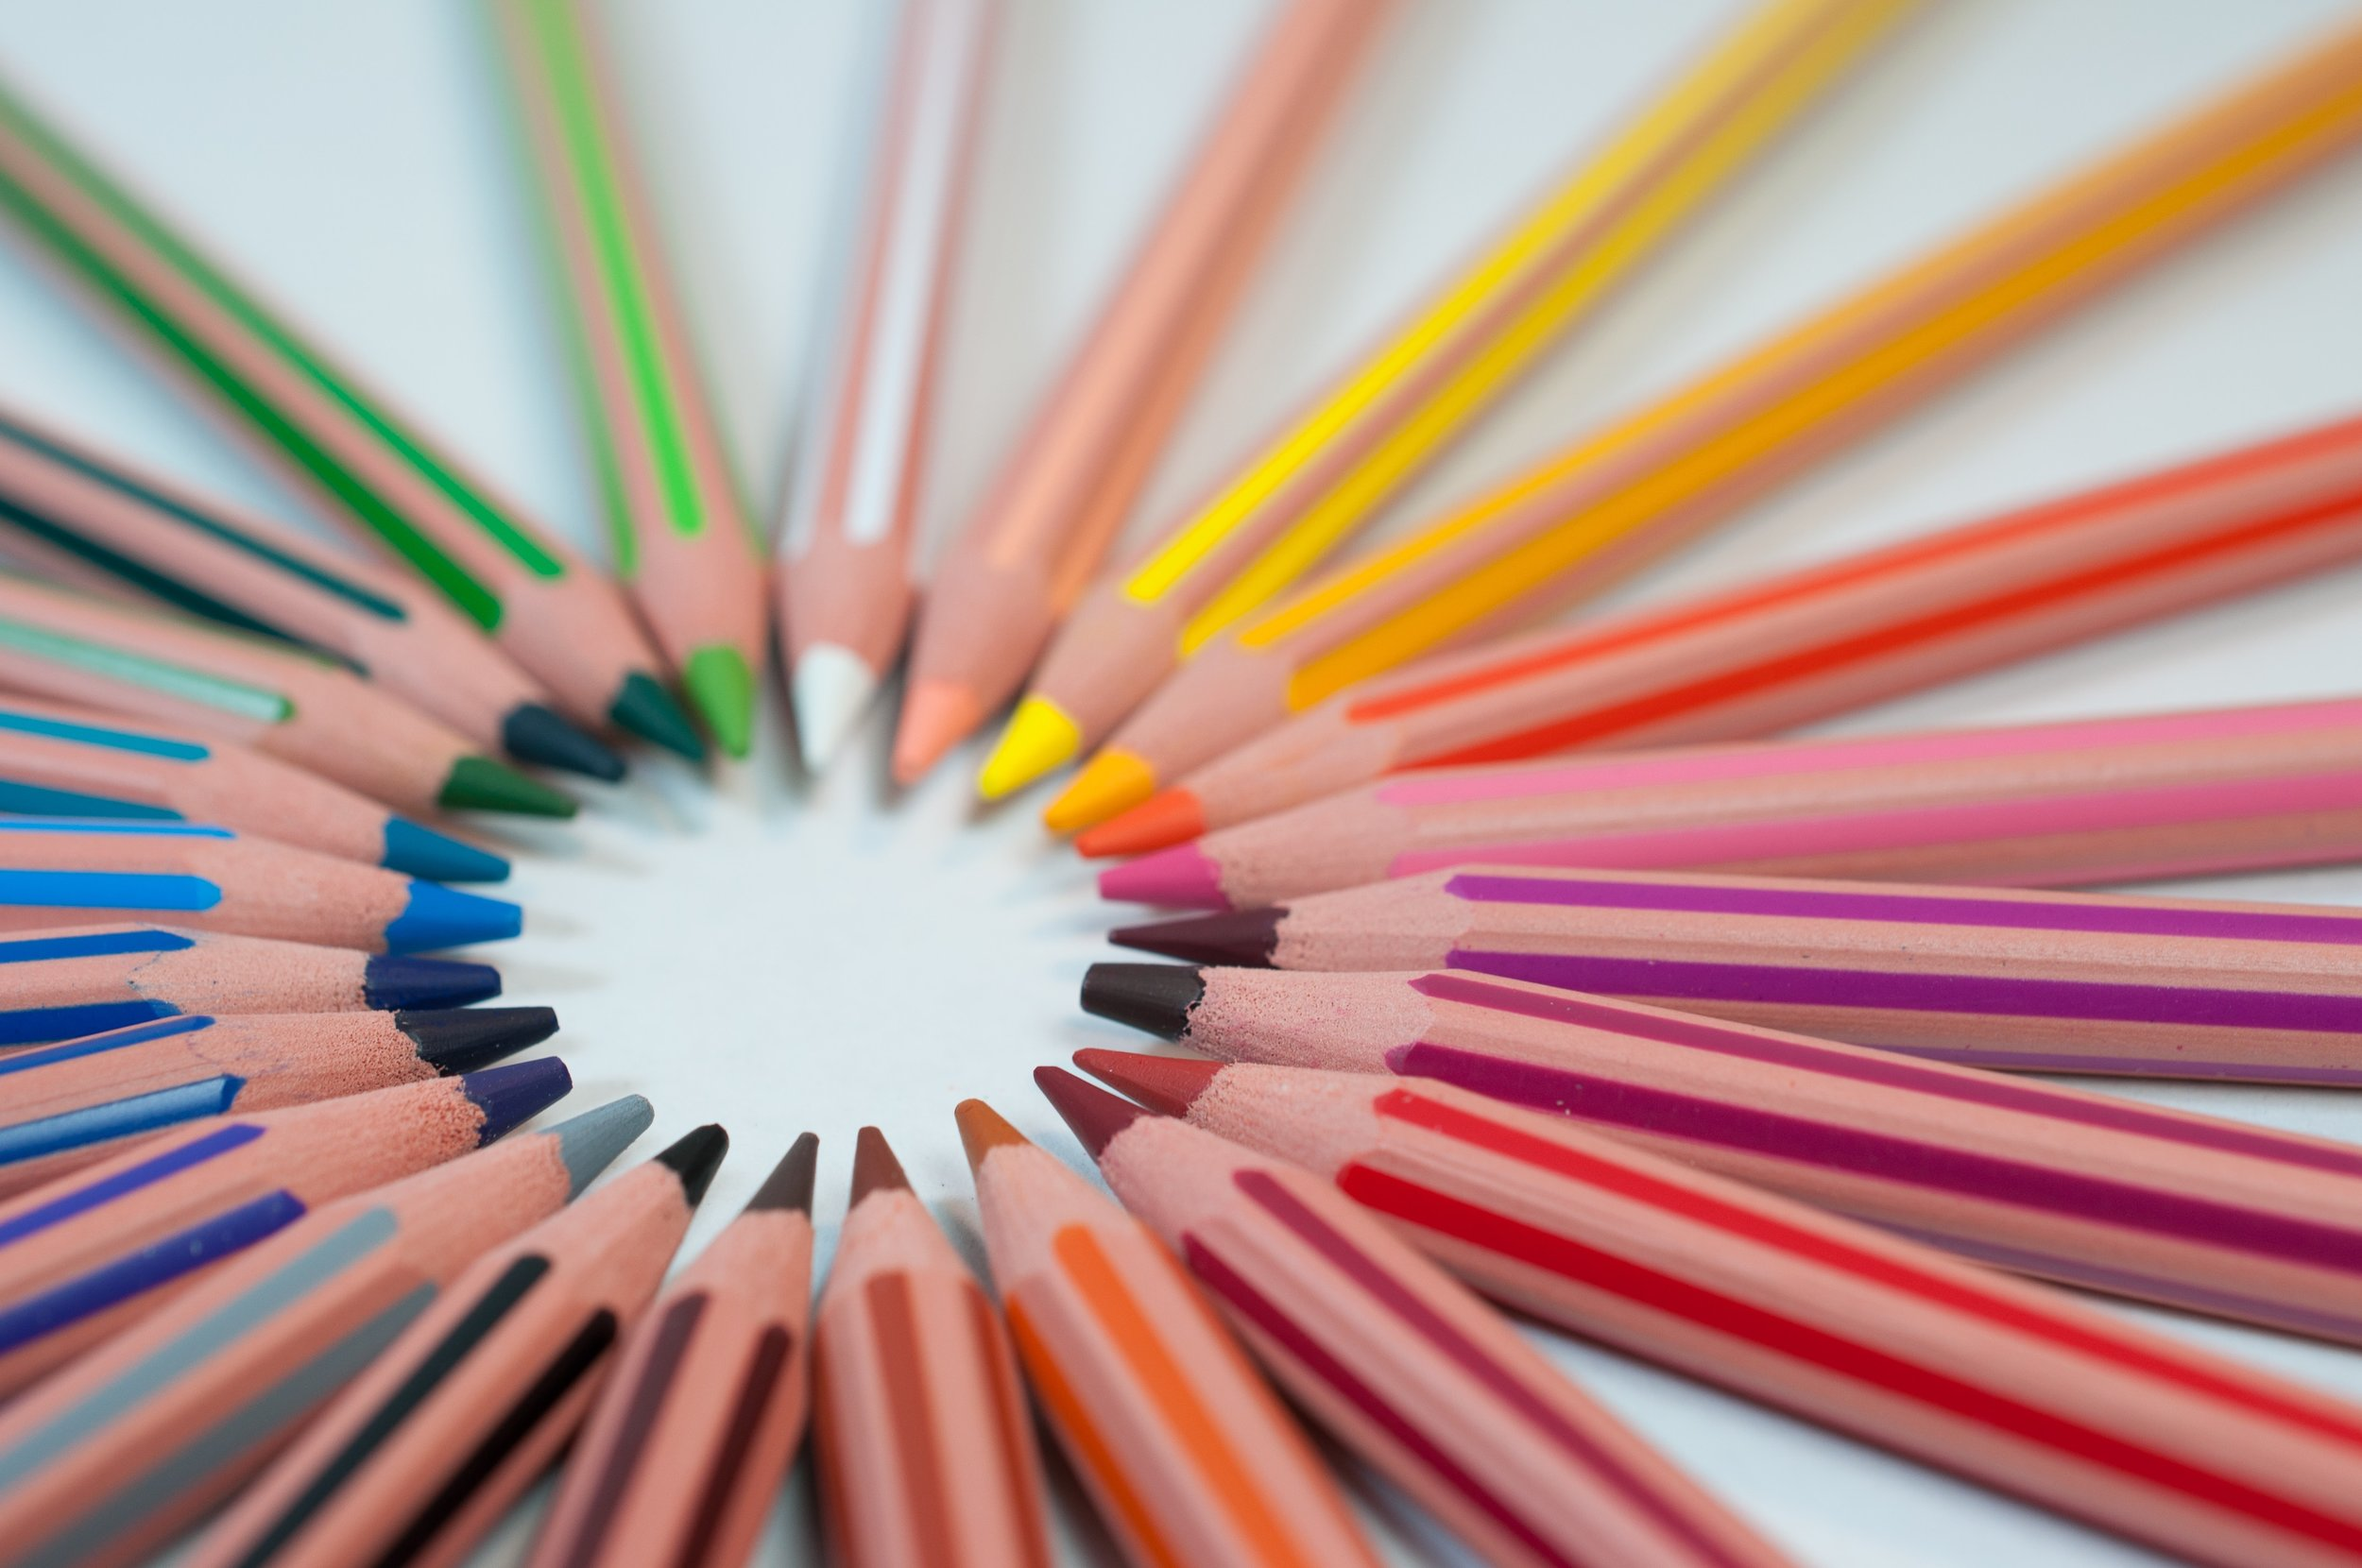 back to school coloring pencils